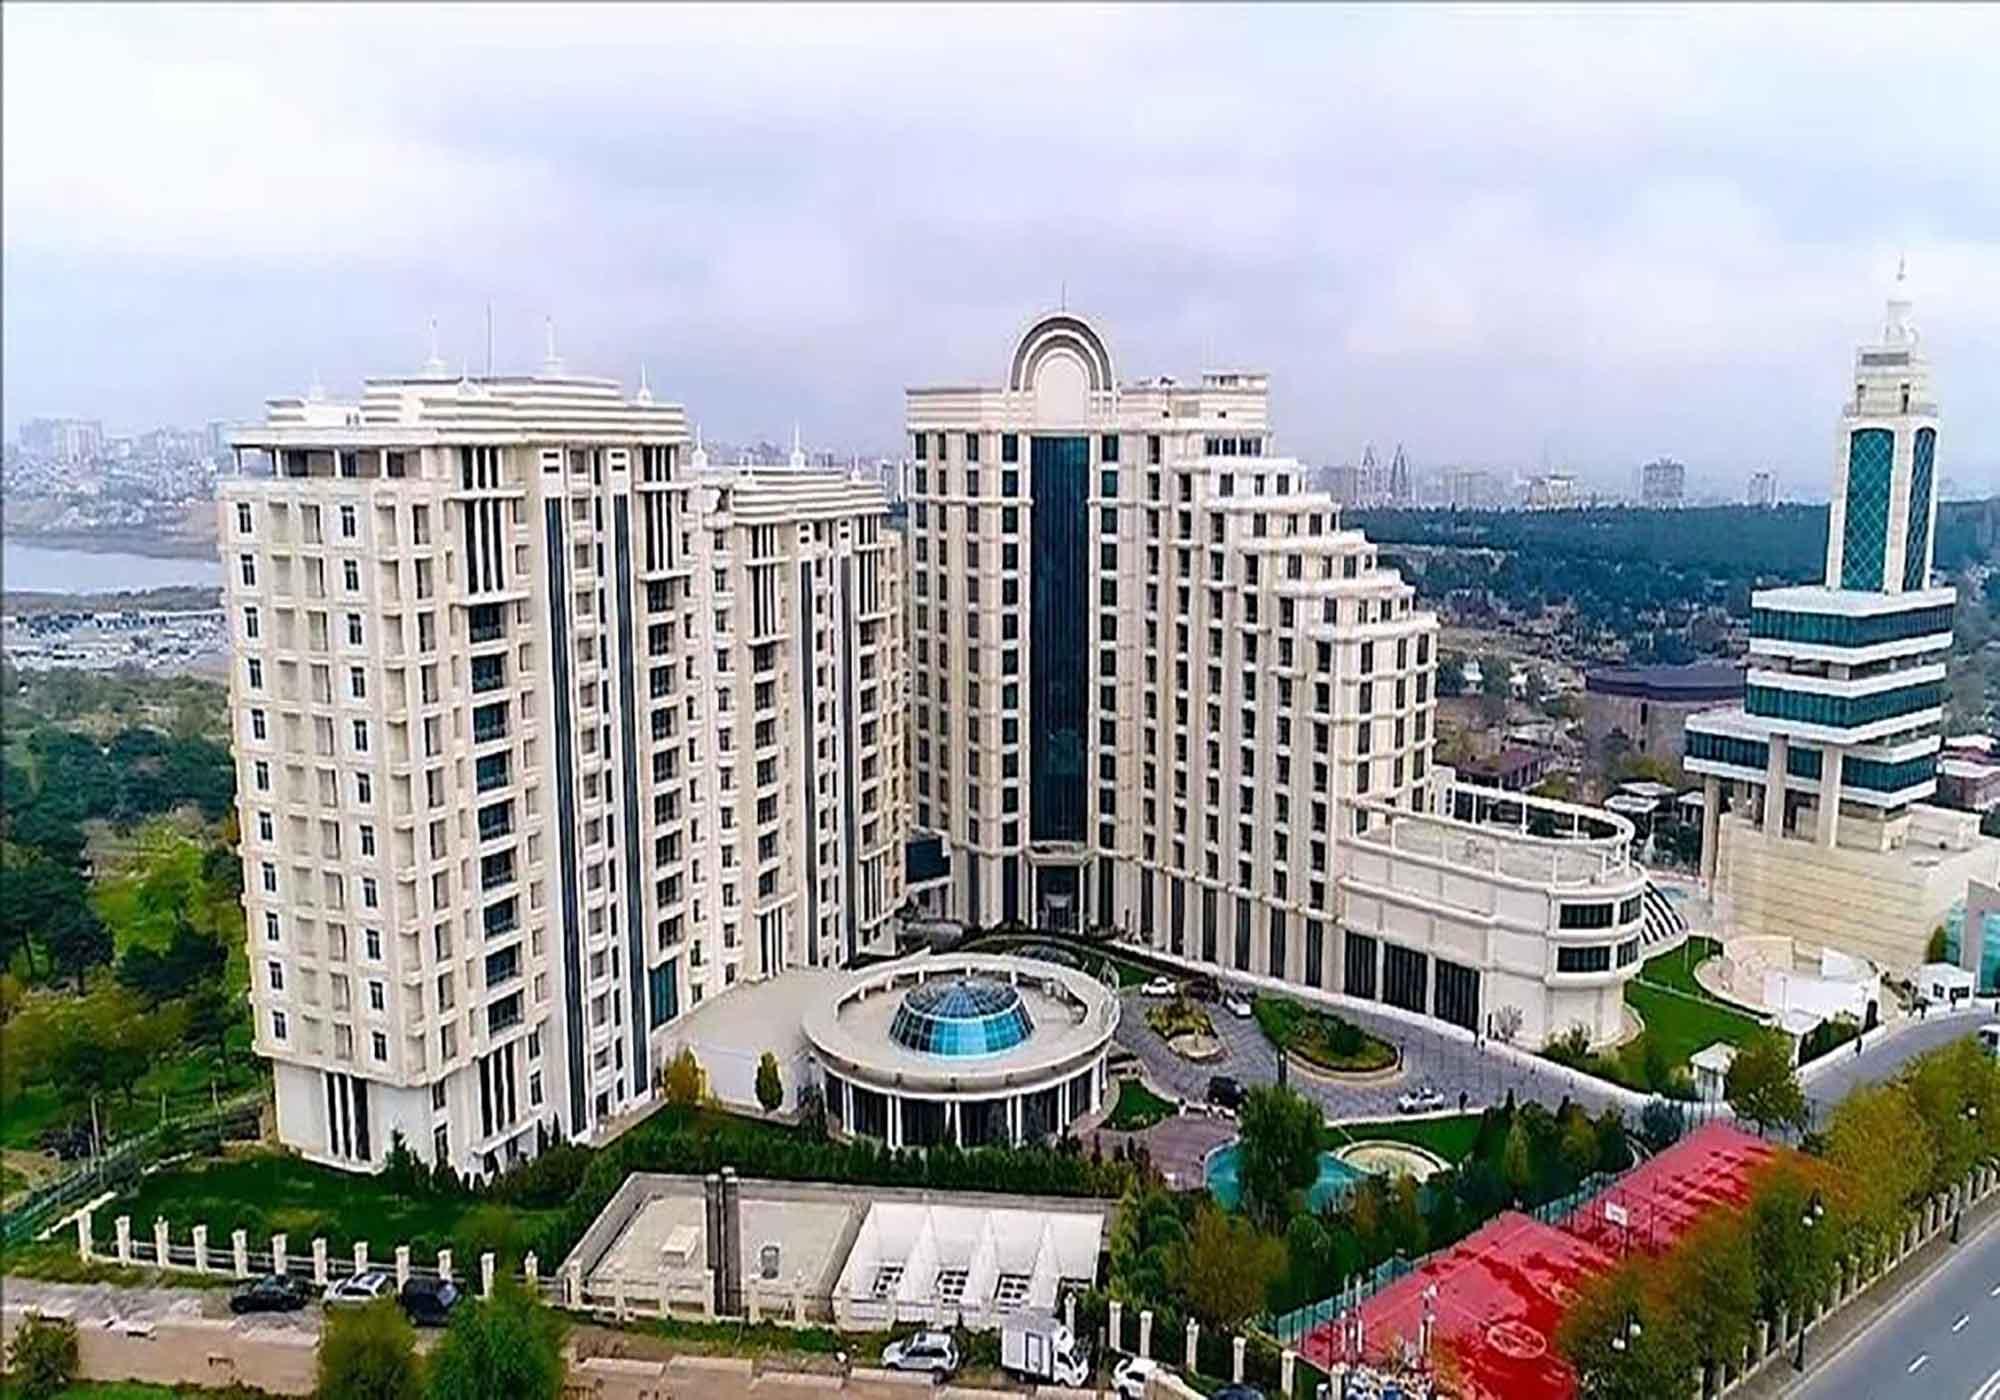 هتل پولمن باکو و ریزورت Pullman Baku Hotel & Resorts- لیست هتل های باکو به ترتیب قیمت